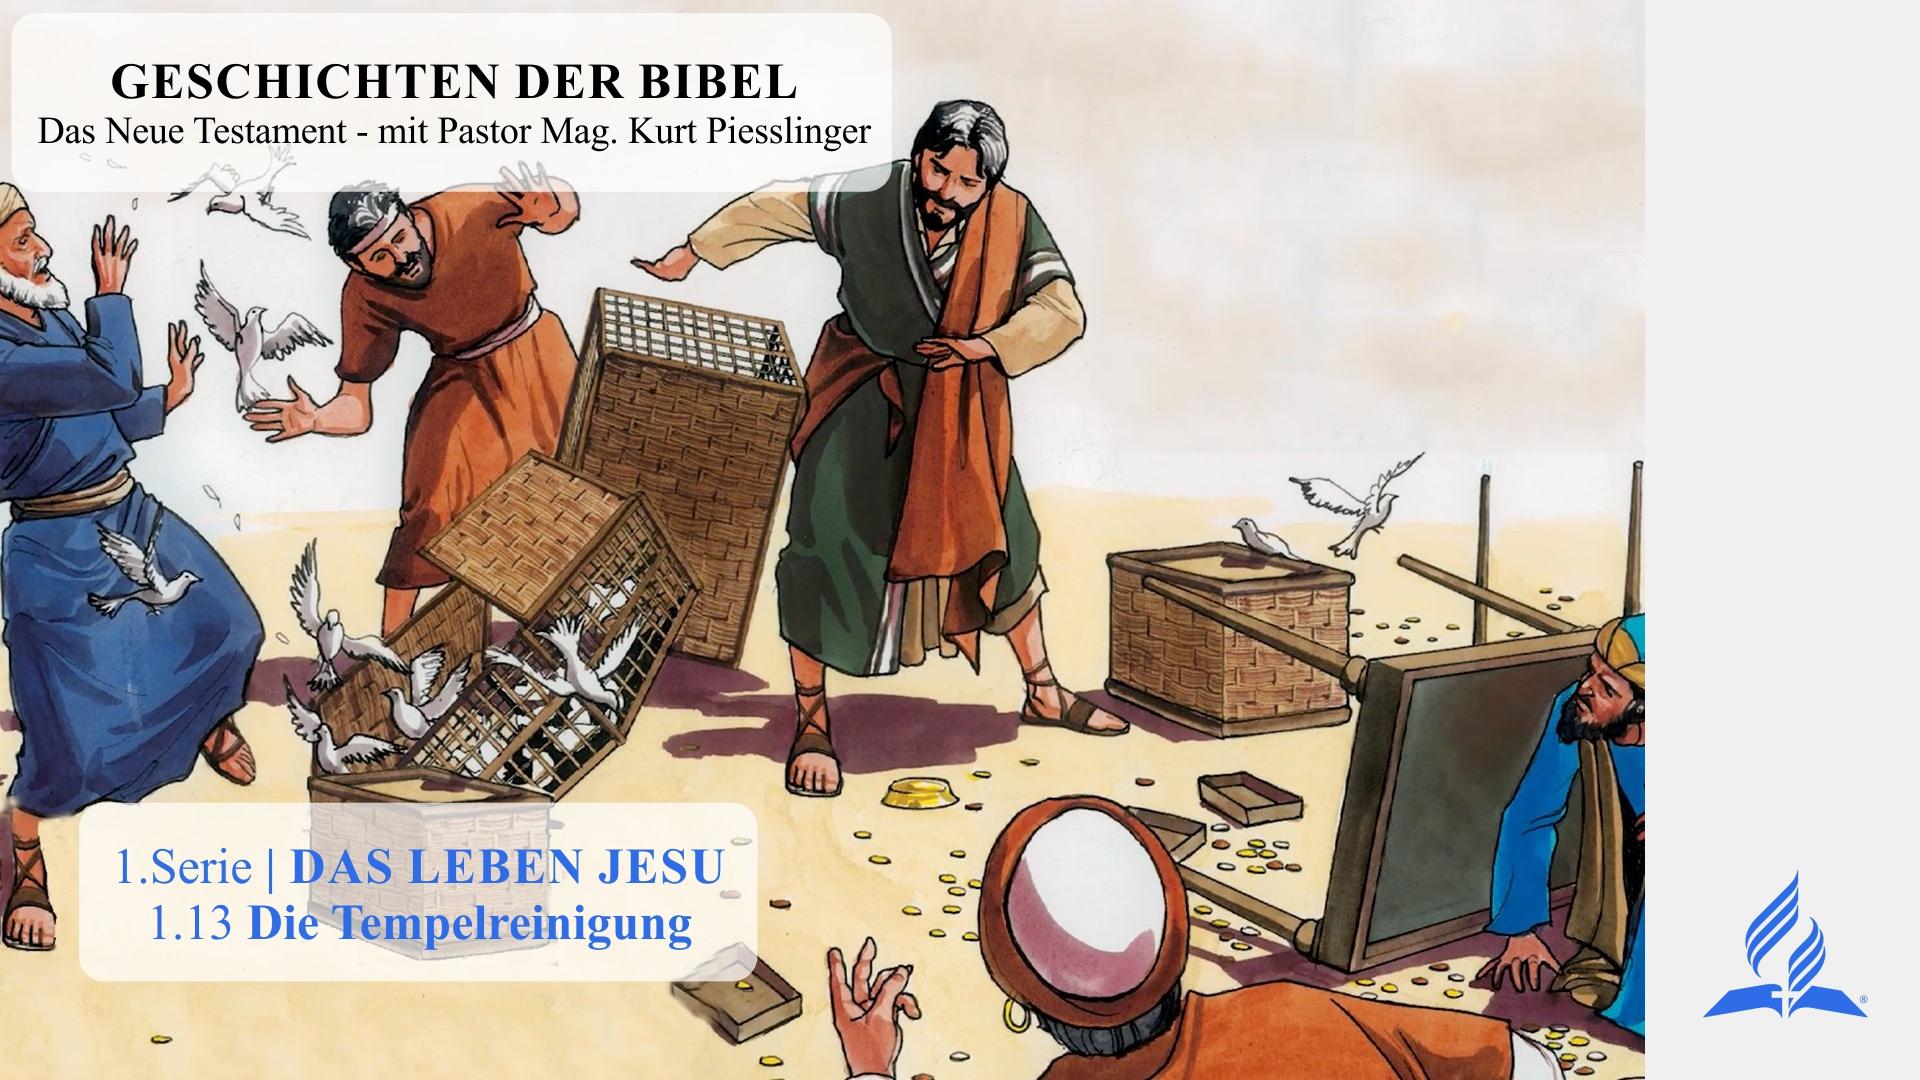 GESCHICHTEN DER BIBEL: 1.13 Die Tempelreinigung – 1.DAS LEBEN JESU | Pastor Mag. Kurt Piesslinger